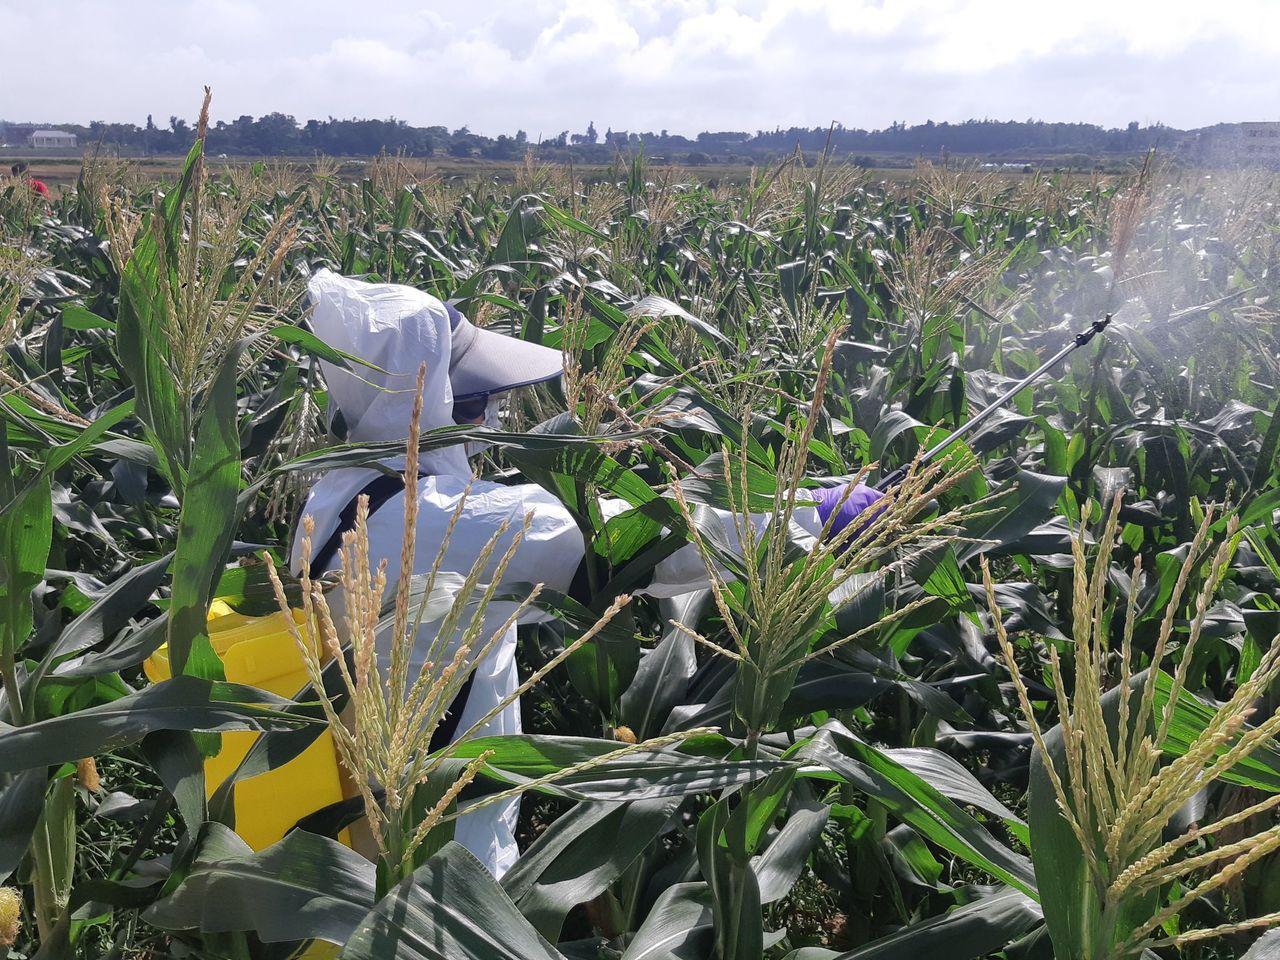 縣防疫所今天深入后水頭的玉米田進行噴藥,希望能控制秋行軍蟲的疫情。記者蔡家蓁/攝...